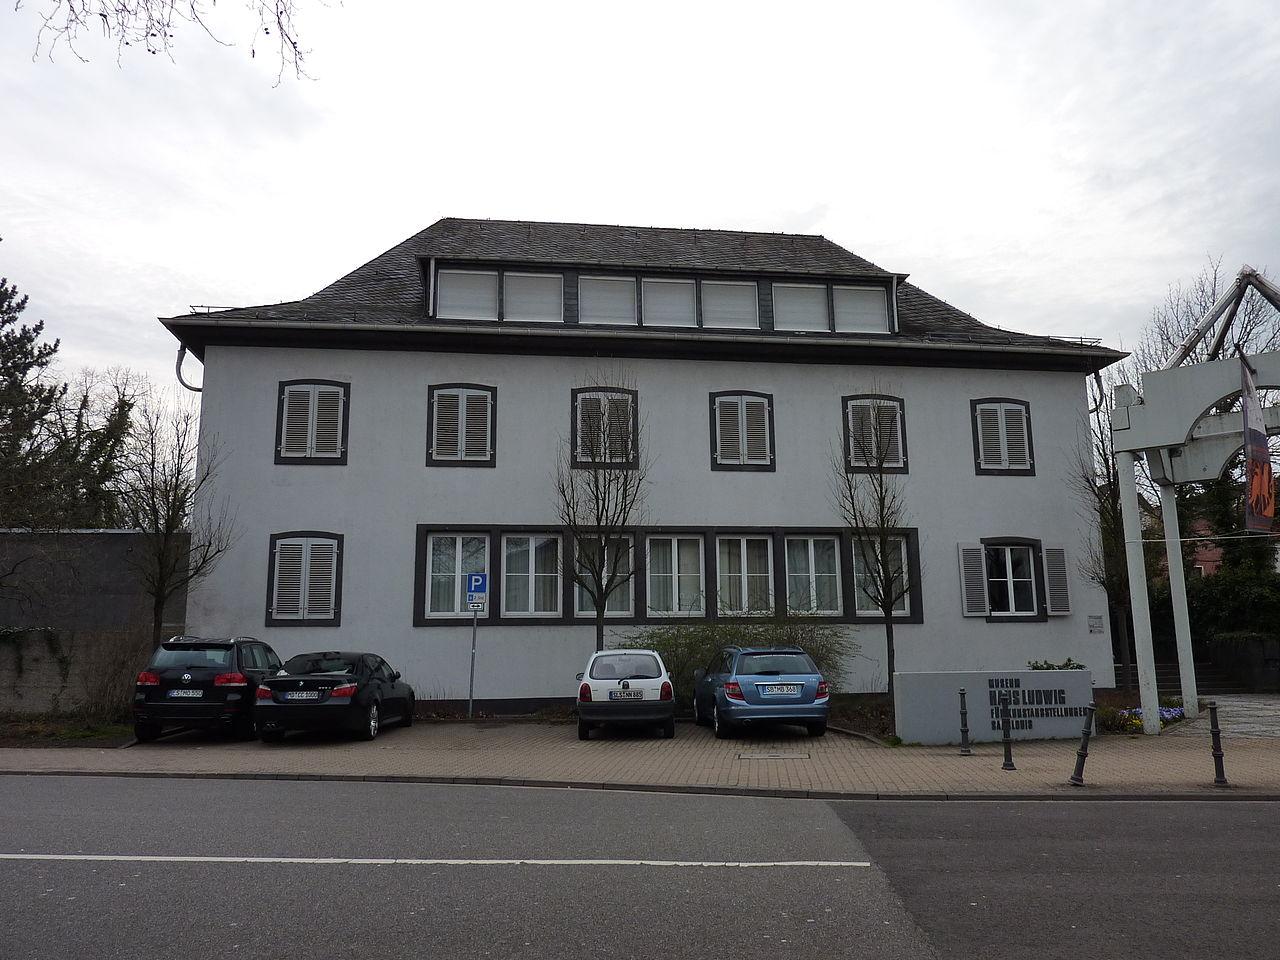 Bild Museum Haus Ludwig Saarlouis